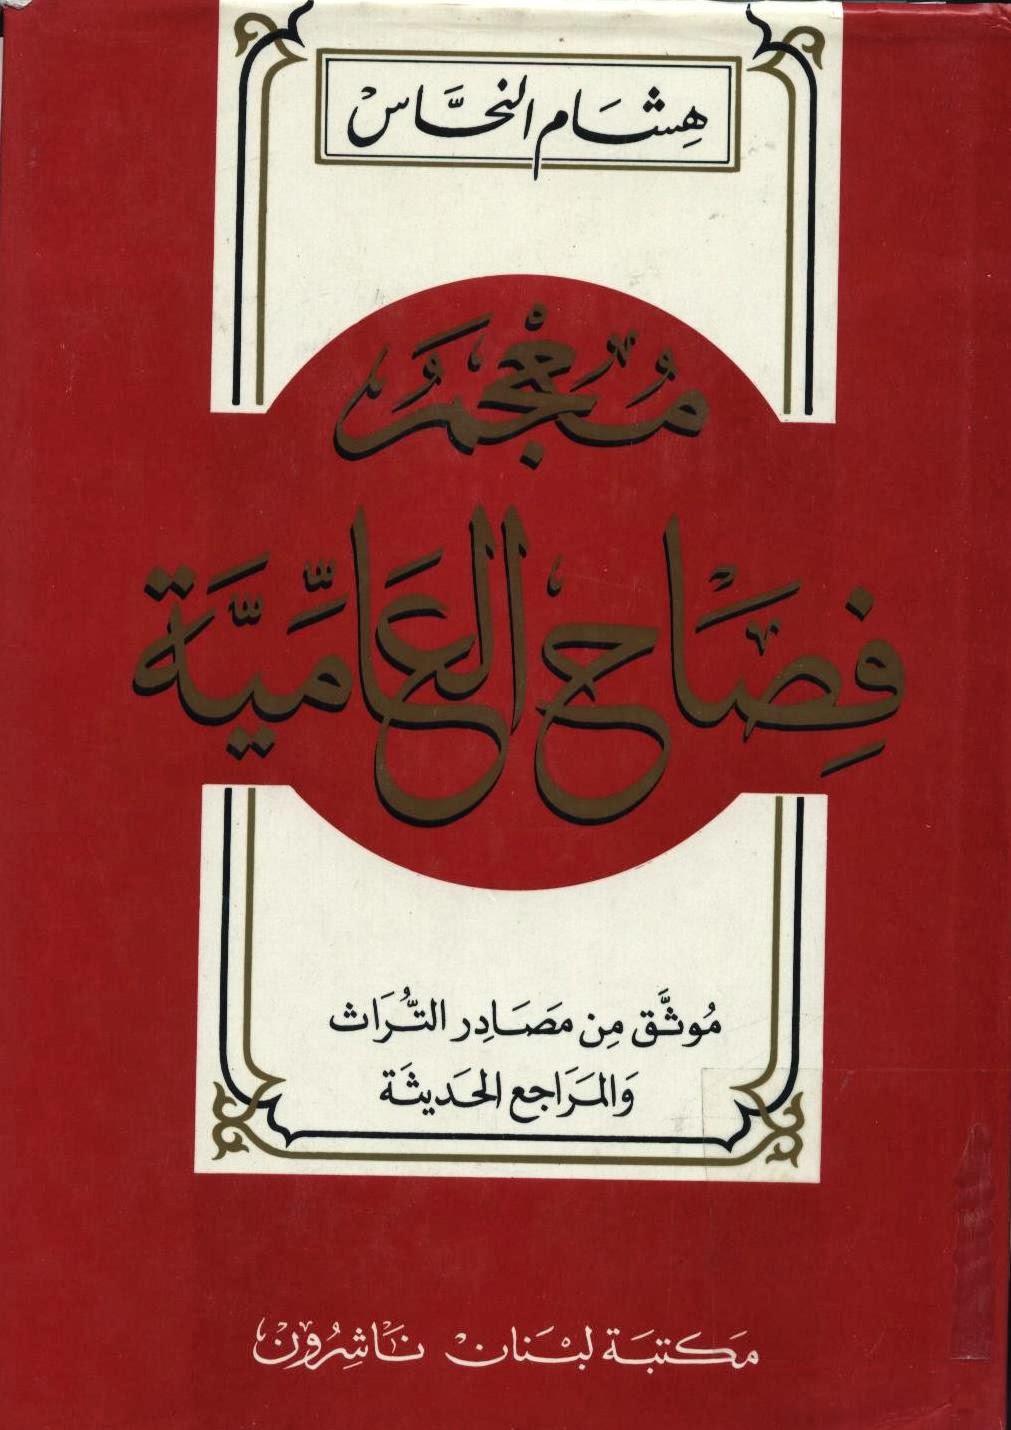 معجم فِصاح العاميّة - هشام النحّاس pdf